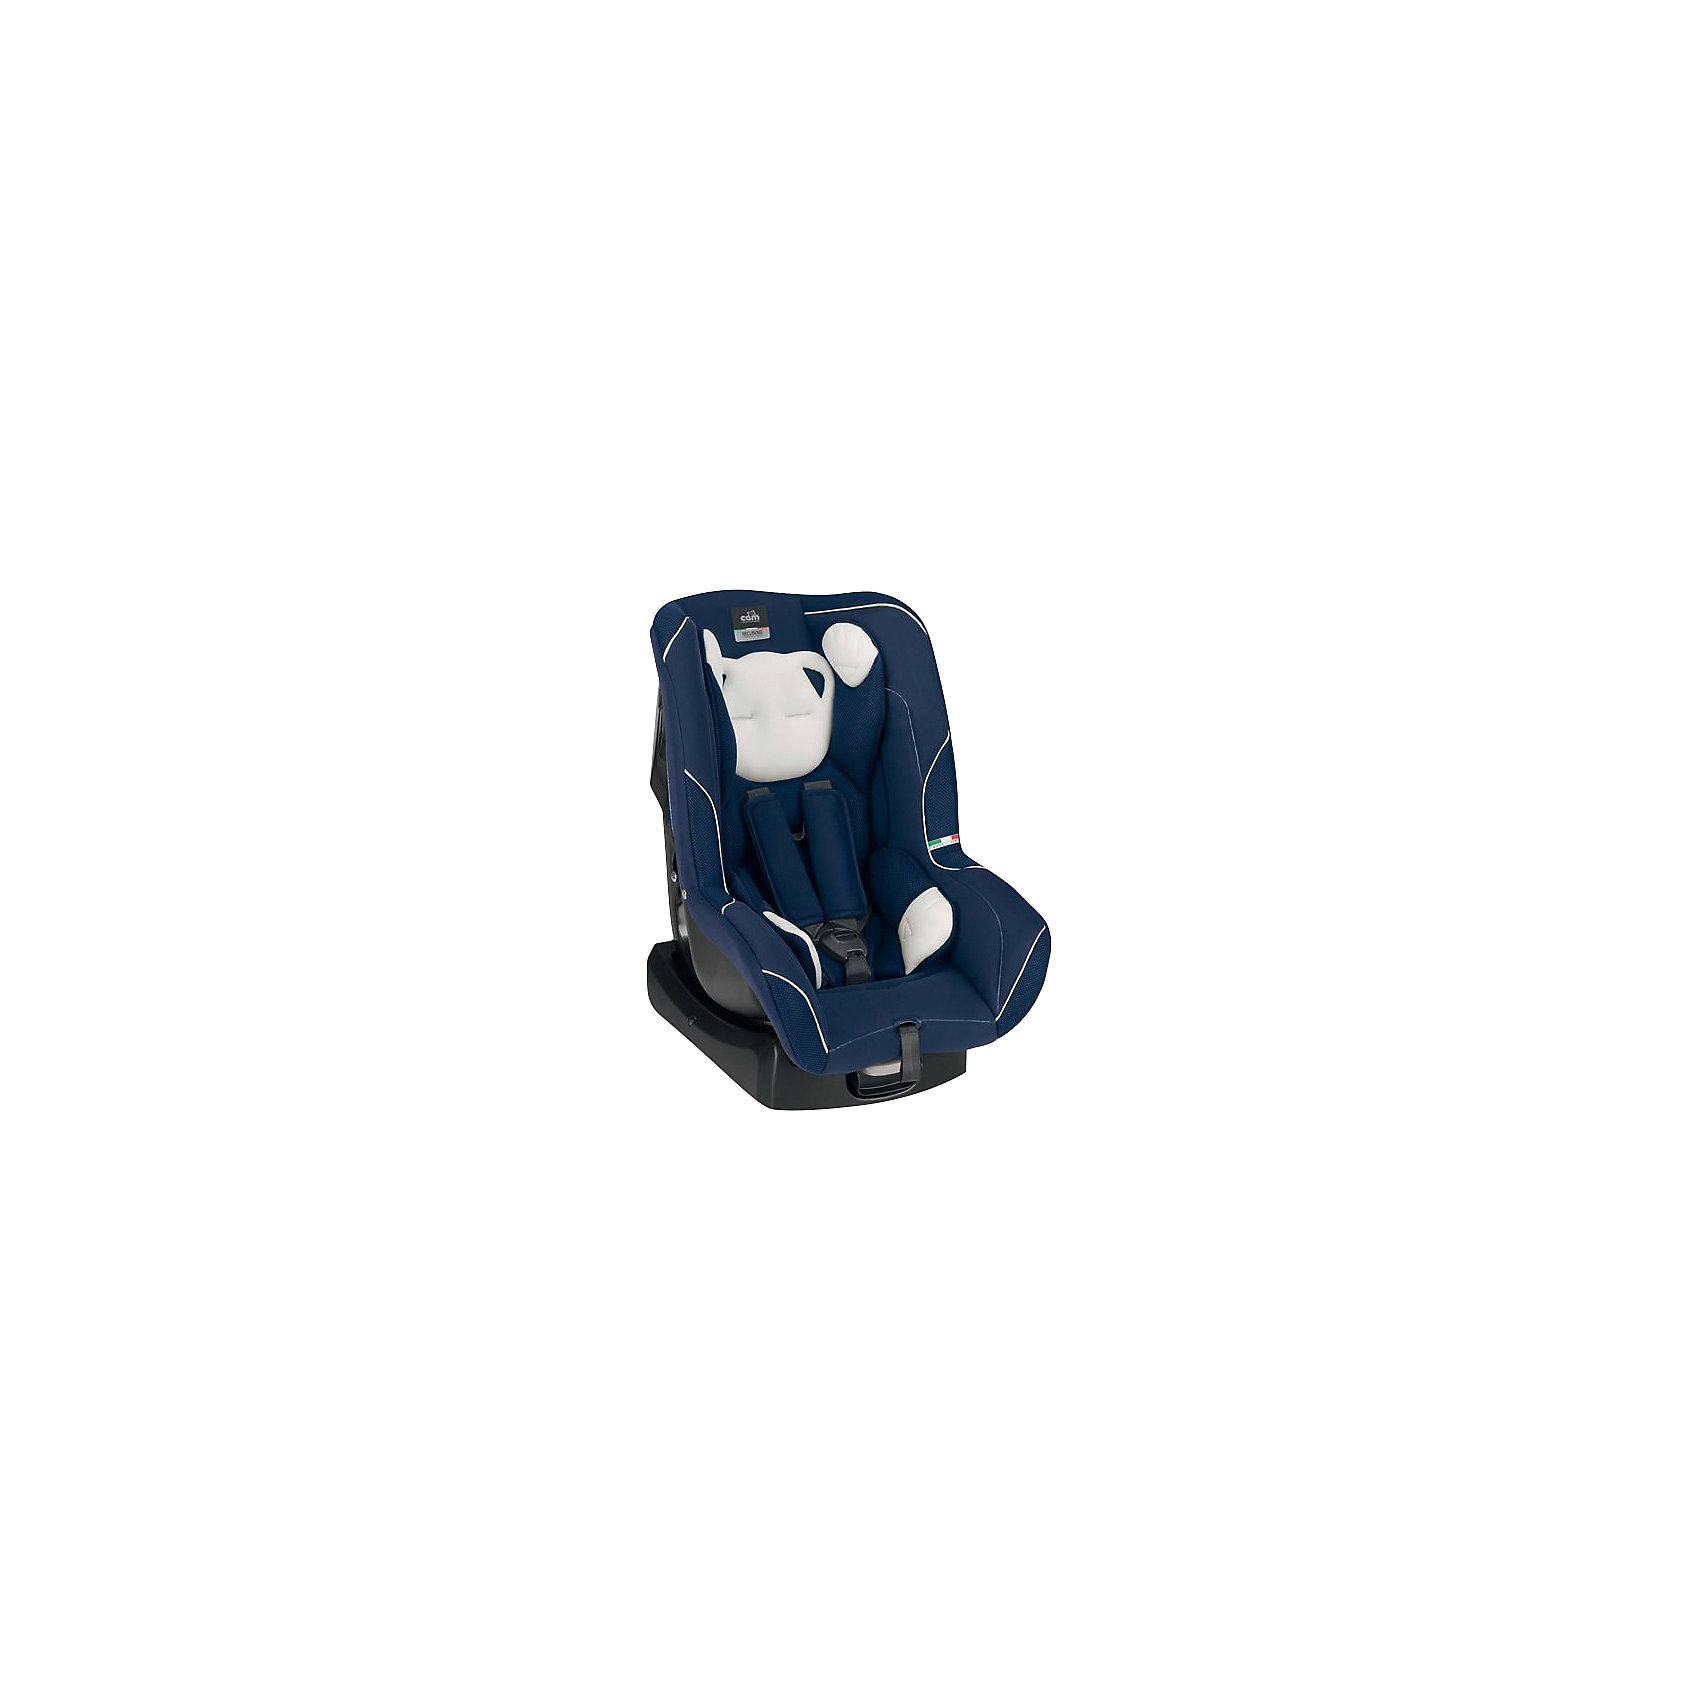 Автокресло Auto Gara, 0-18 кг., CAM, синий/серый